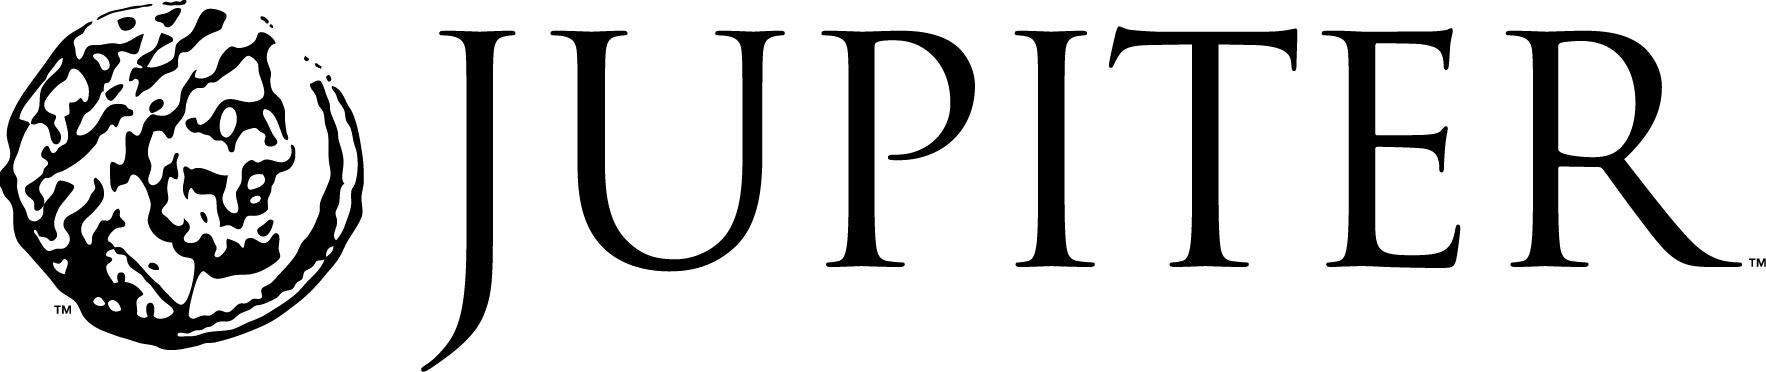 Jupiter Canada - logo_horz